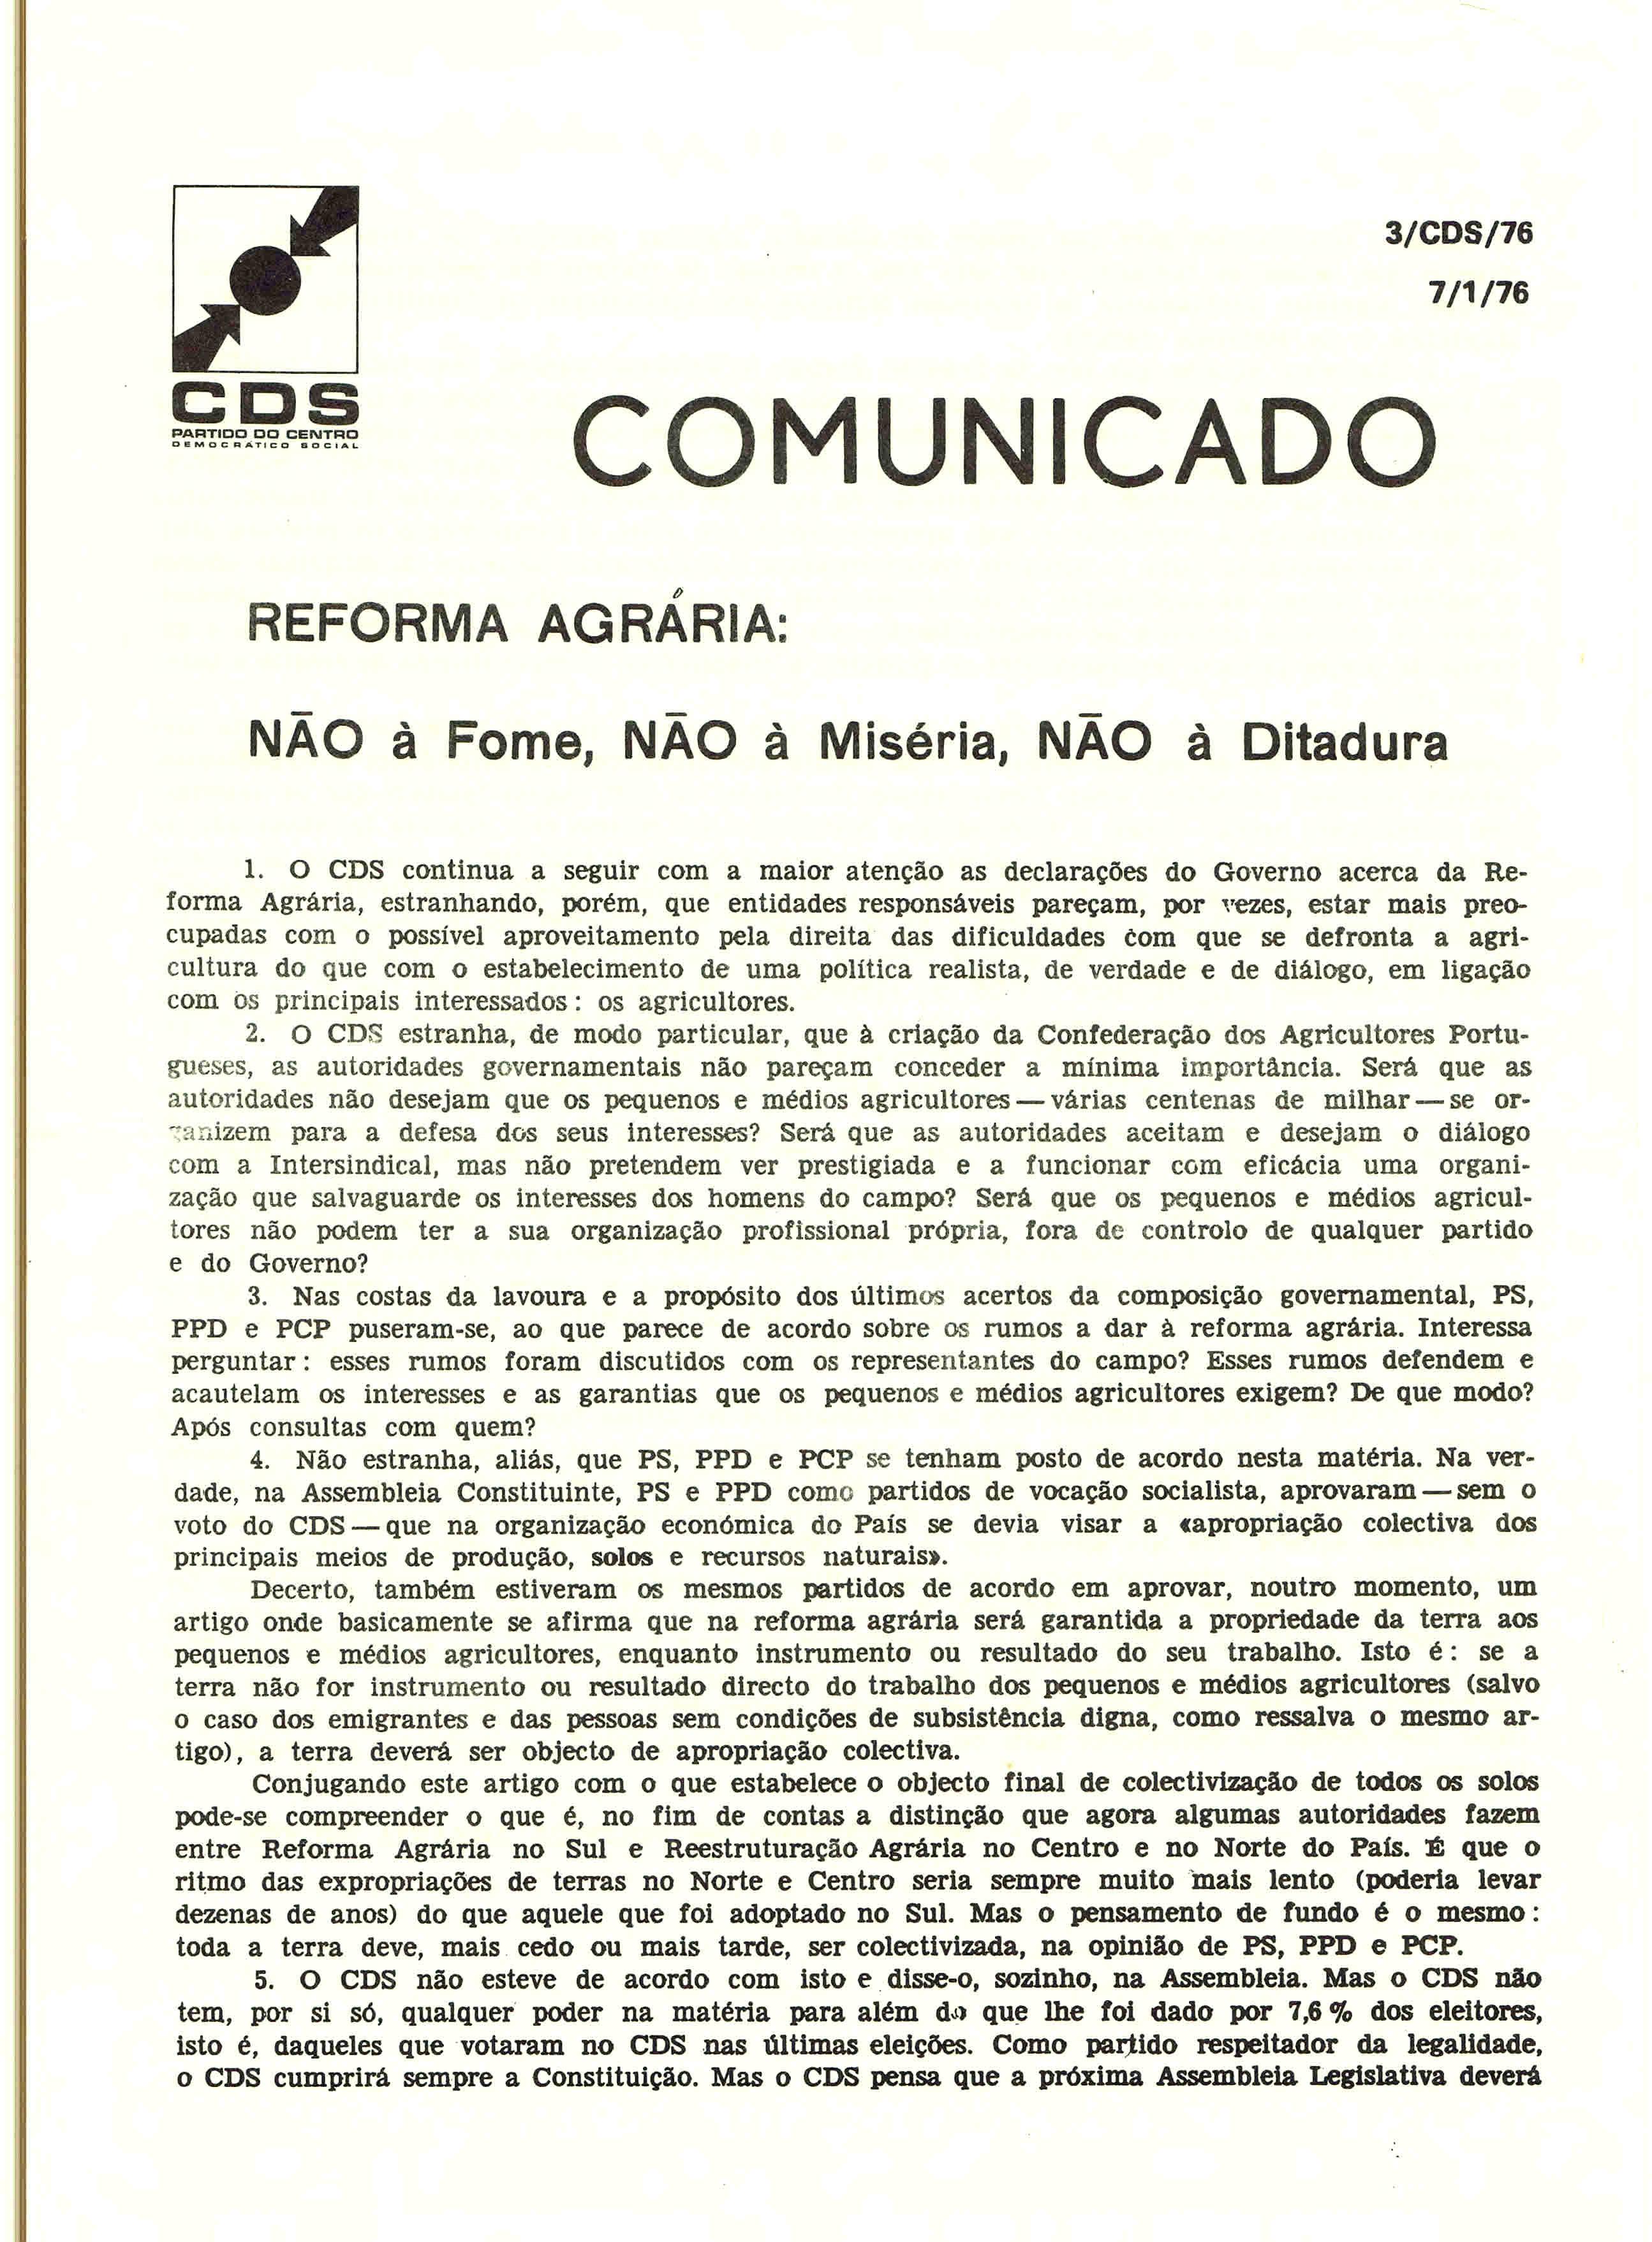 Document (149) 01